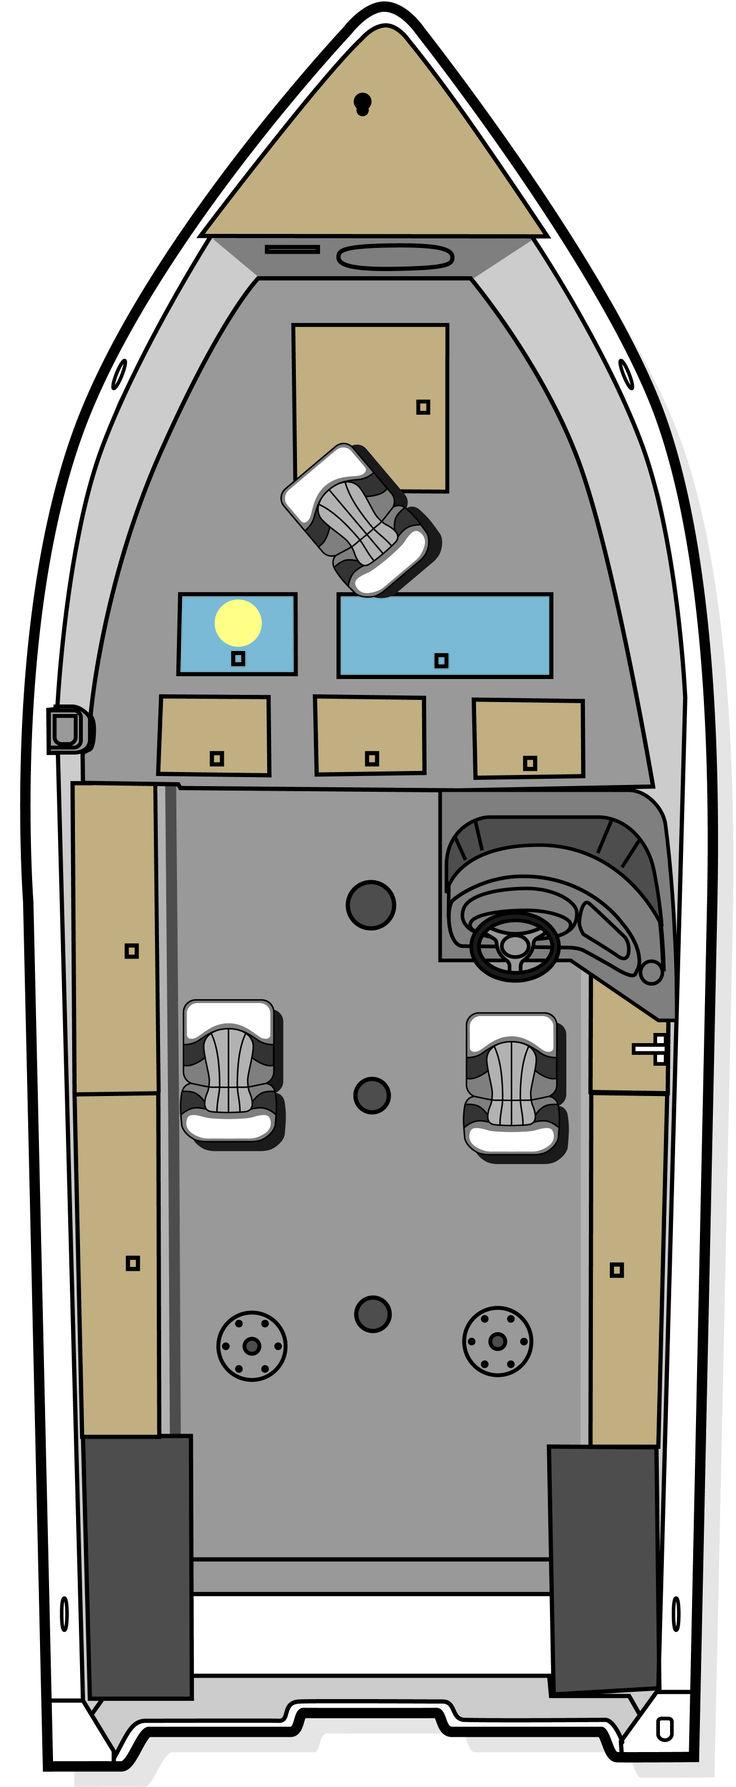 Outlander 2010 SC #aluminumfishingboat #aluminumboat #fishingboat #polarkraft #boat #NGG #Nauticglobalgroup #fishing #Boats #SyracuseIndiana  #Bassboats #Ilovemyboat #Syracuse